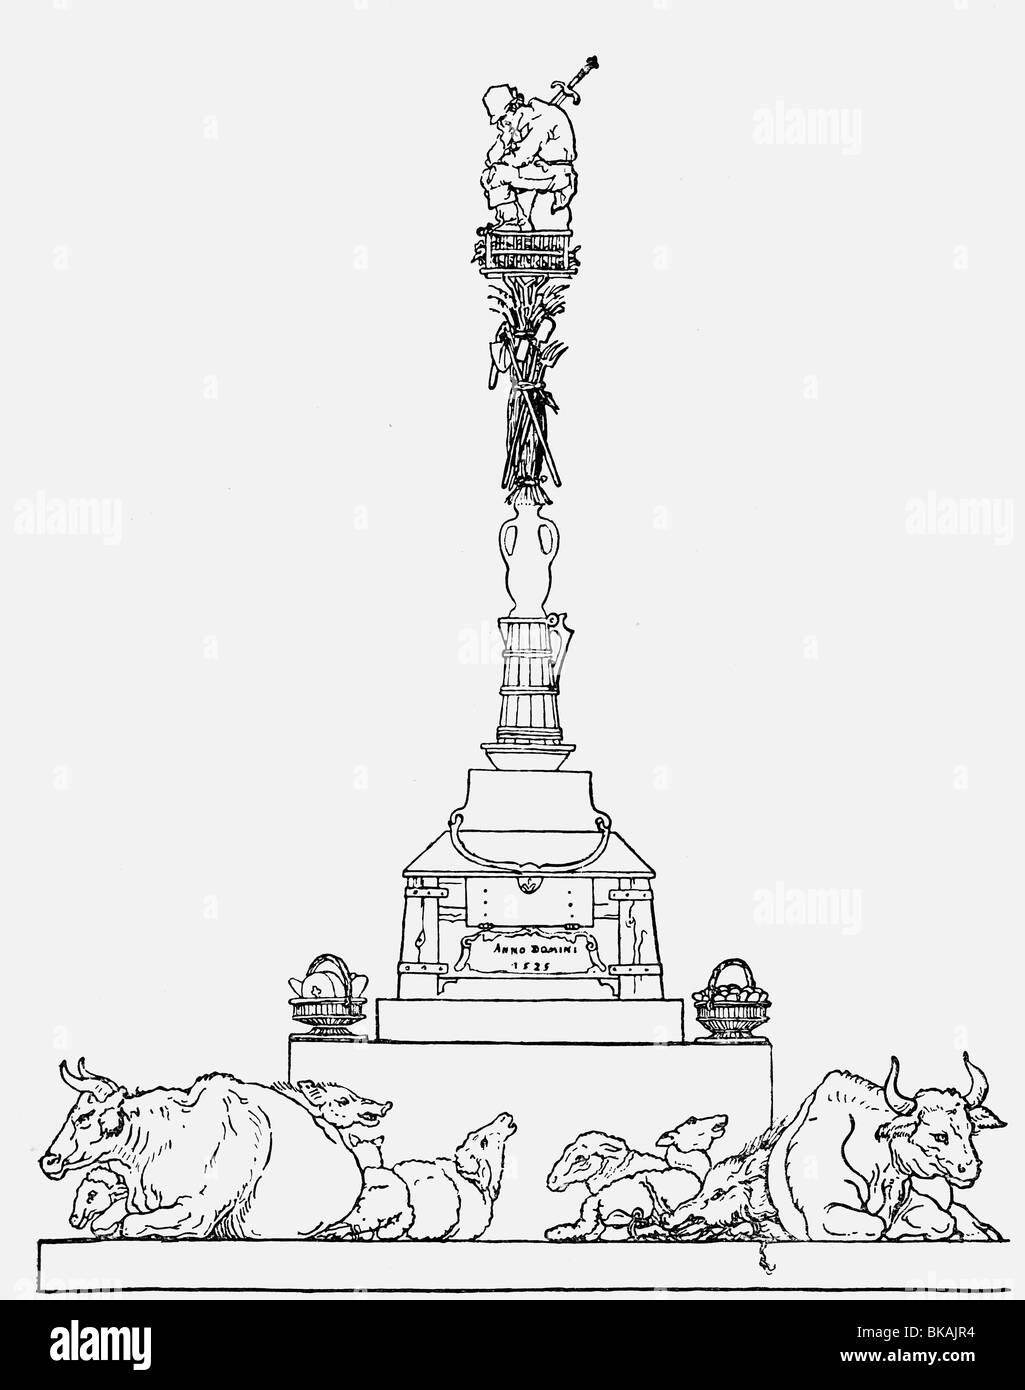 Eventi, Tedesco Guerra dei contadini 1524 - 1526, il concetto di una colonna che commemora la sconfitta dei contadini Immagini Stock